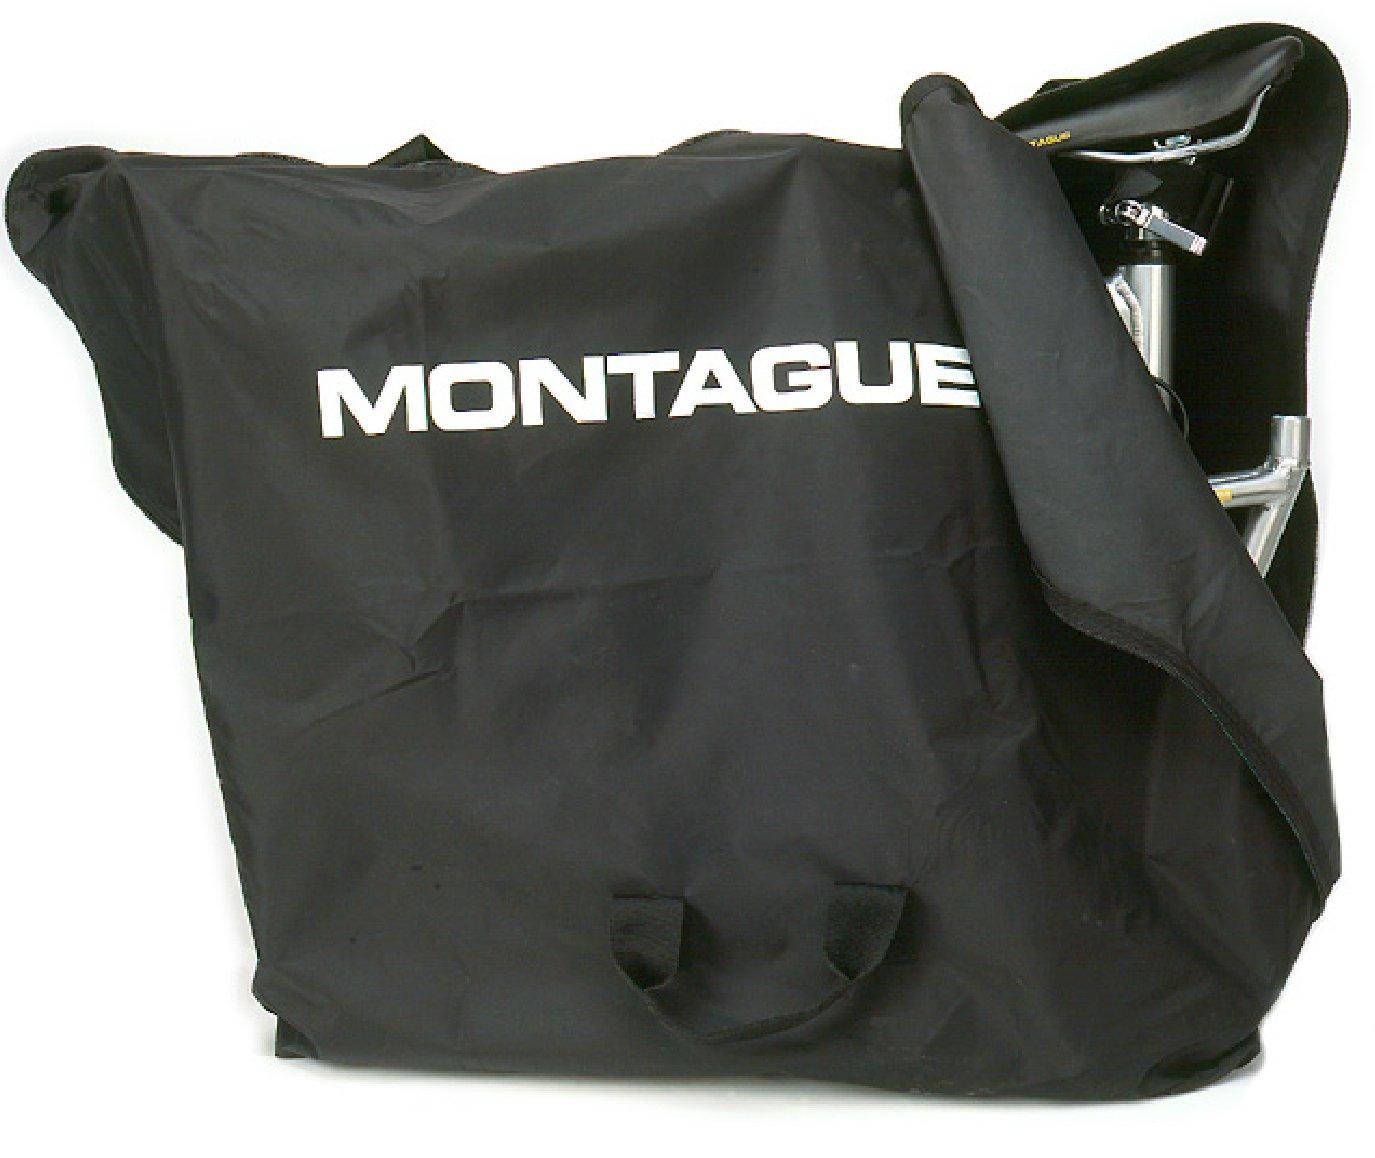 Montague Swissbike Fahrräder Nylon-Tragetasche, passend für alle Modelle